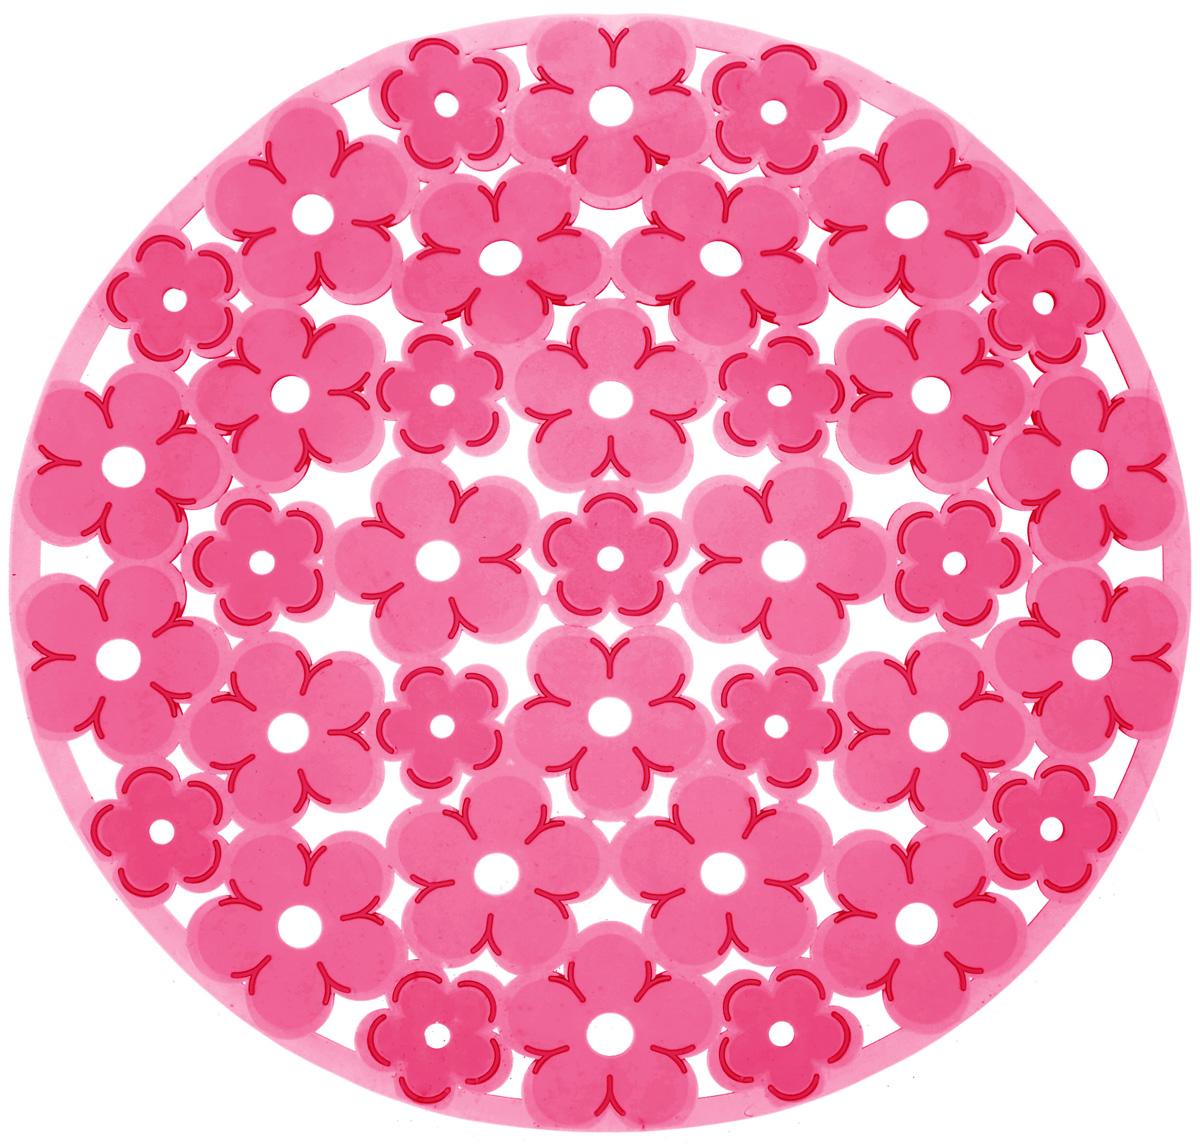 Коврик для раковины Metaltex, цвет: красный, диаметр 30 см28.75.37_красныйСтильный и удобный коврик для раковины Metaltex выполнен из ПВХ. Он одновременно выполняет несколько функций: украшает, предотвращает появление на раковине царапин и сколов, защищает посуду от повреждений при падении в раковину, удерживает мусор, попадание которого в слив приводит к засорам. Изделие также обладает противоскользящим эффектом и может использоваться в качестве подставки для сушки чистой посуды. Легко очищается от грязи и жира. Диаметр: 30 см.